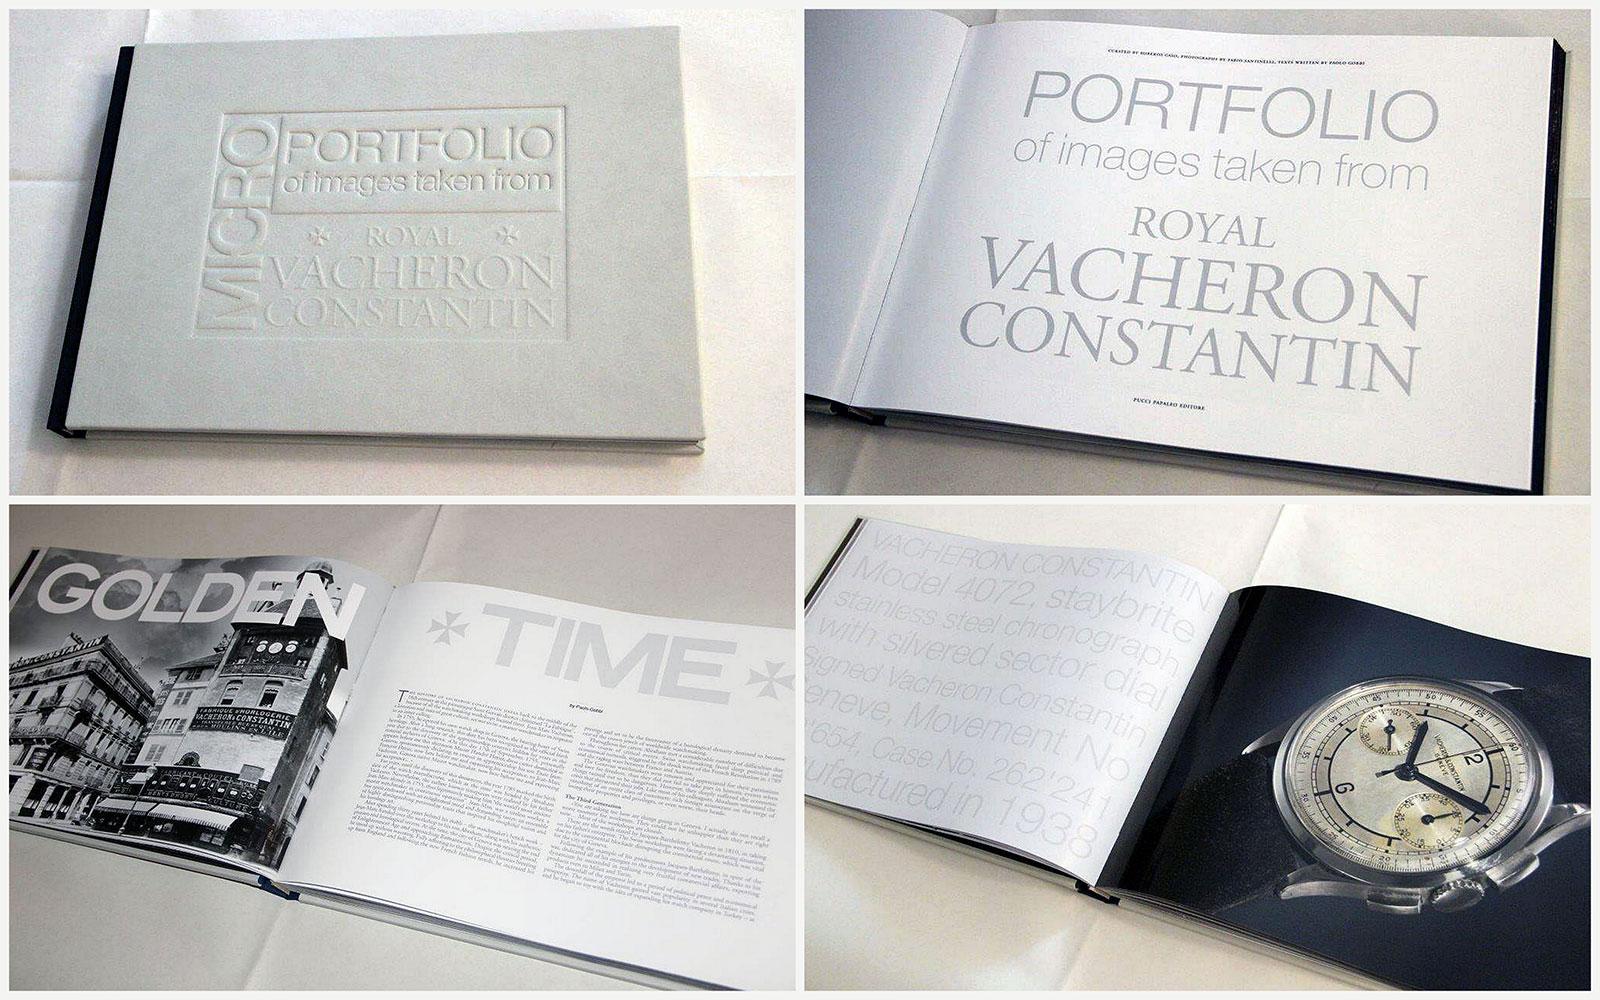 MICRO-Vacheron-Constantin-book